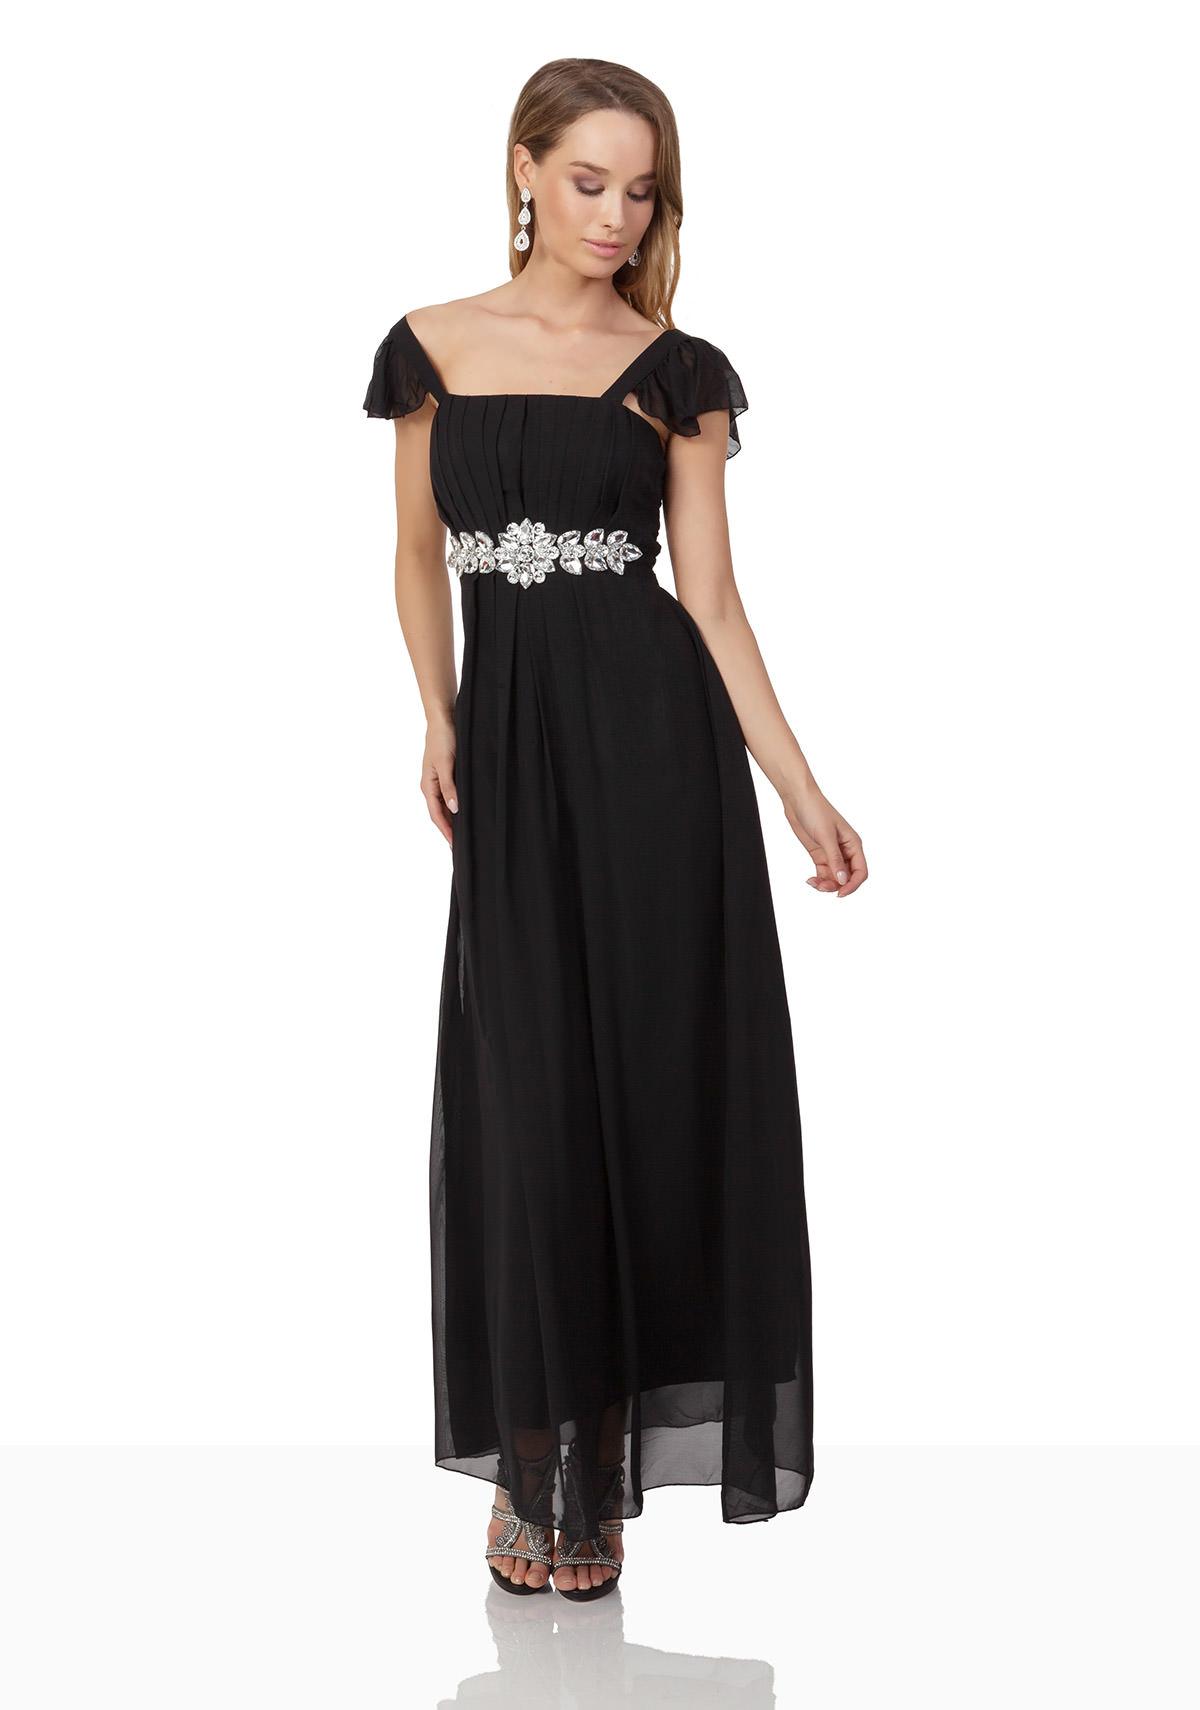 abendkleid in schwarz mit strassband online kaufen vip dress. Black Bedroom Furniture Sets. Home Design Ideas